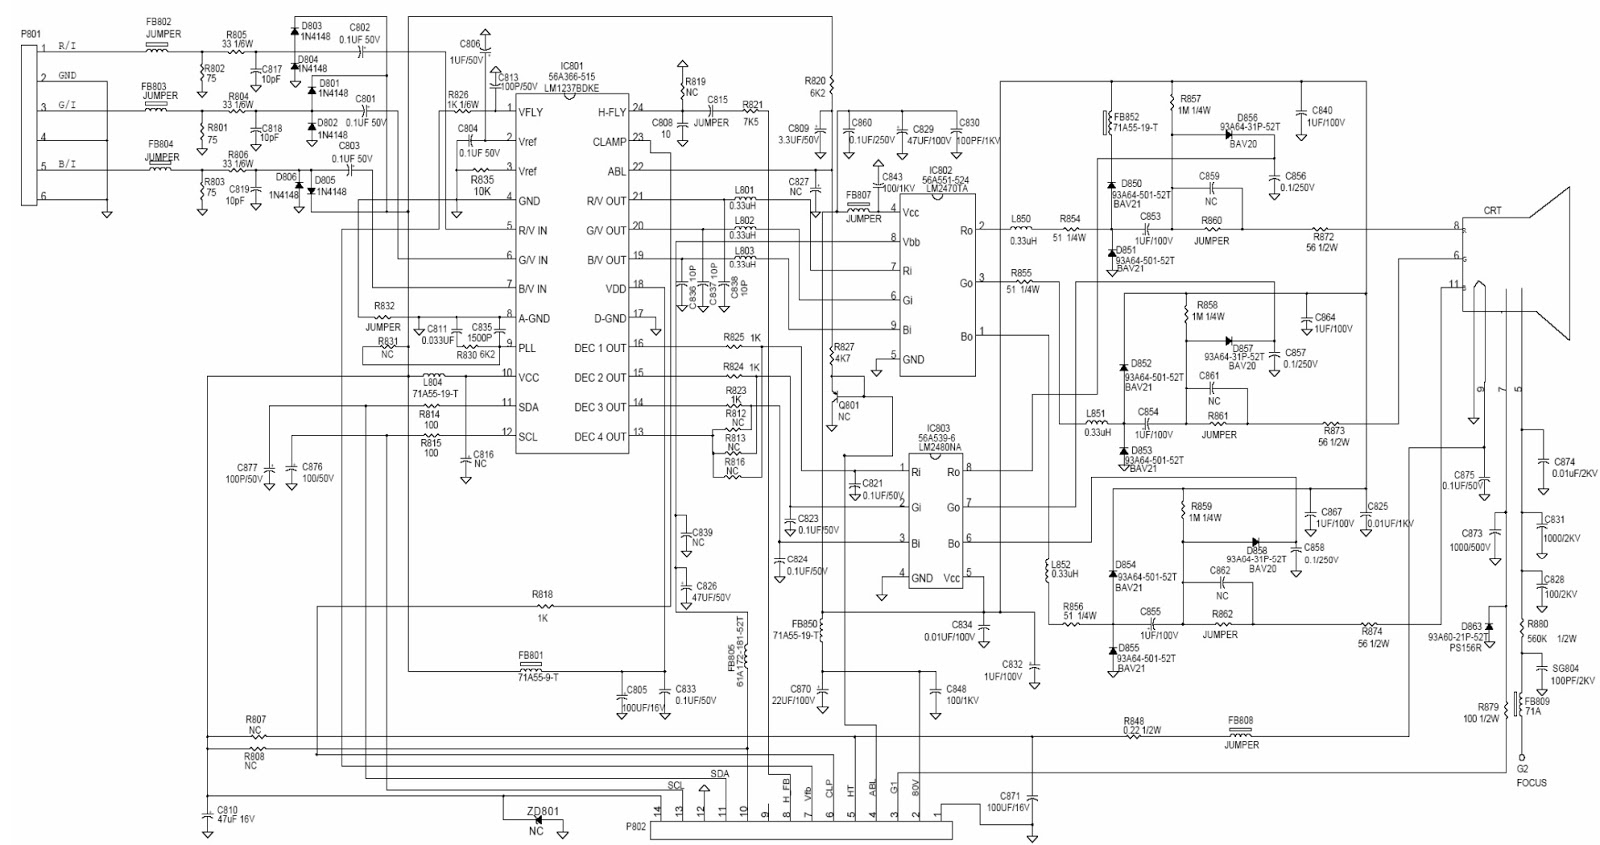 medium resolution of crt screen schematic wiring diagram crt monitor schematic diagram schema wiring diagramhp 7540 17 inch crt